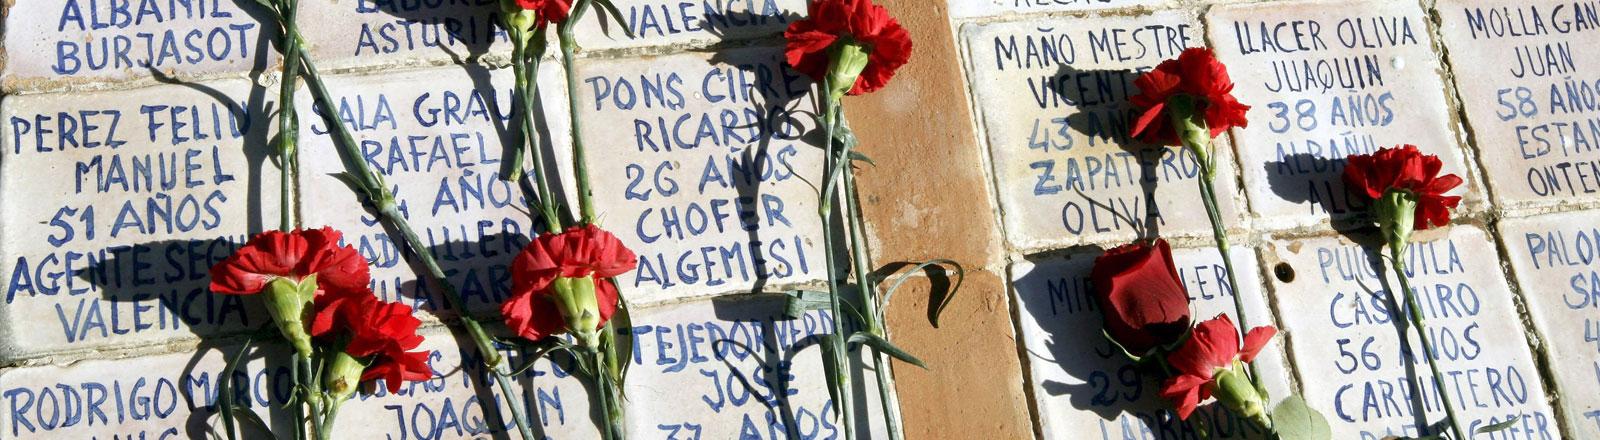 Massengrab für Opfer des spanischen Franco-Regimes